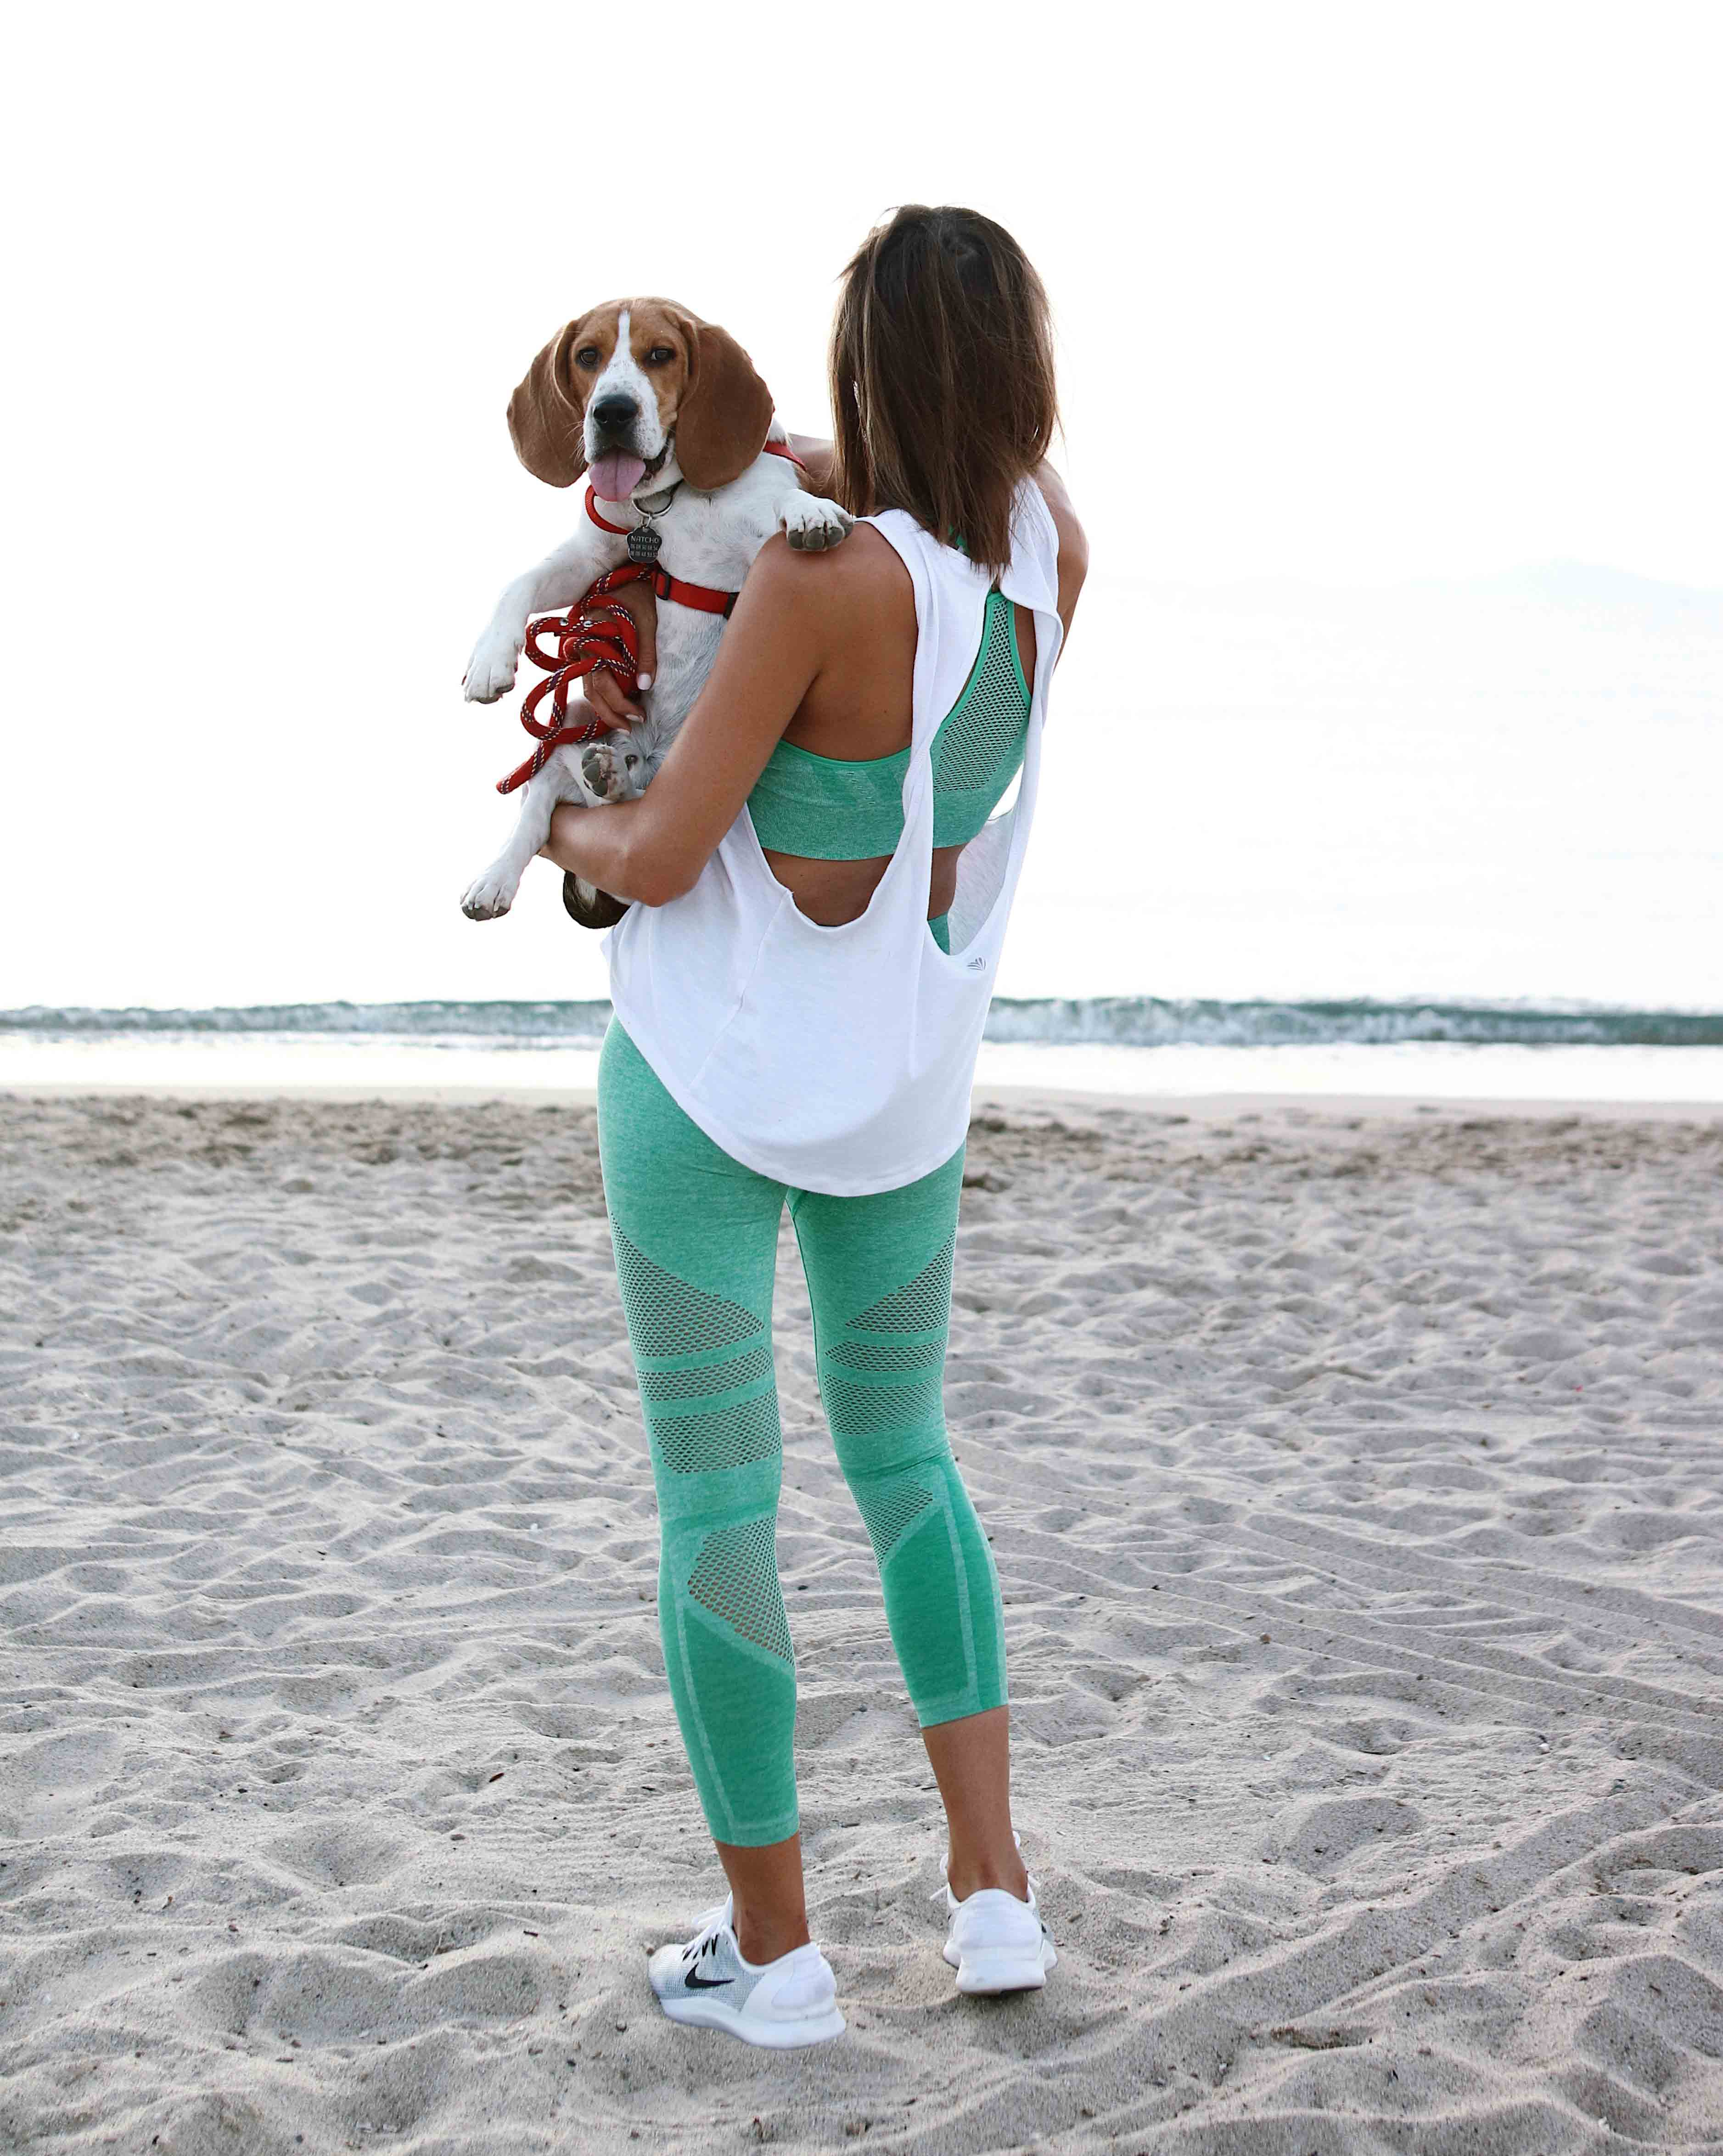 @chon.and.chon conseils pour courir avec son chien